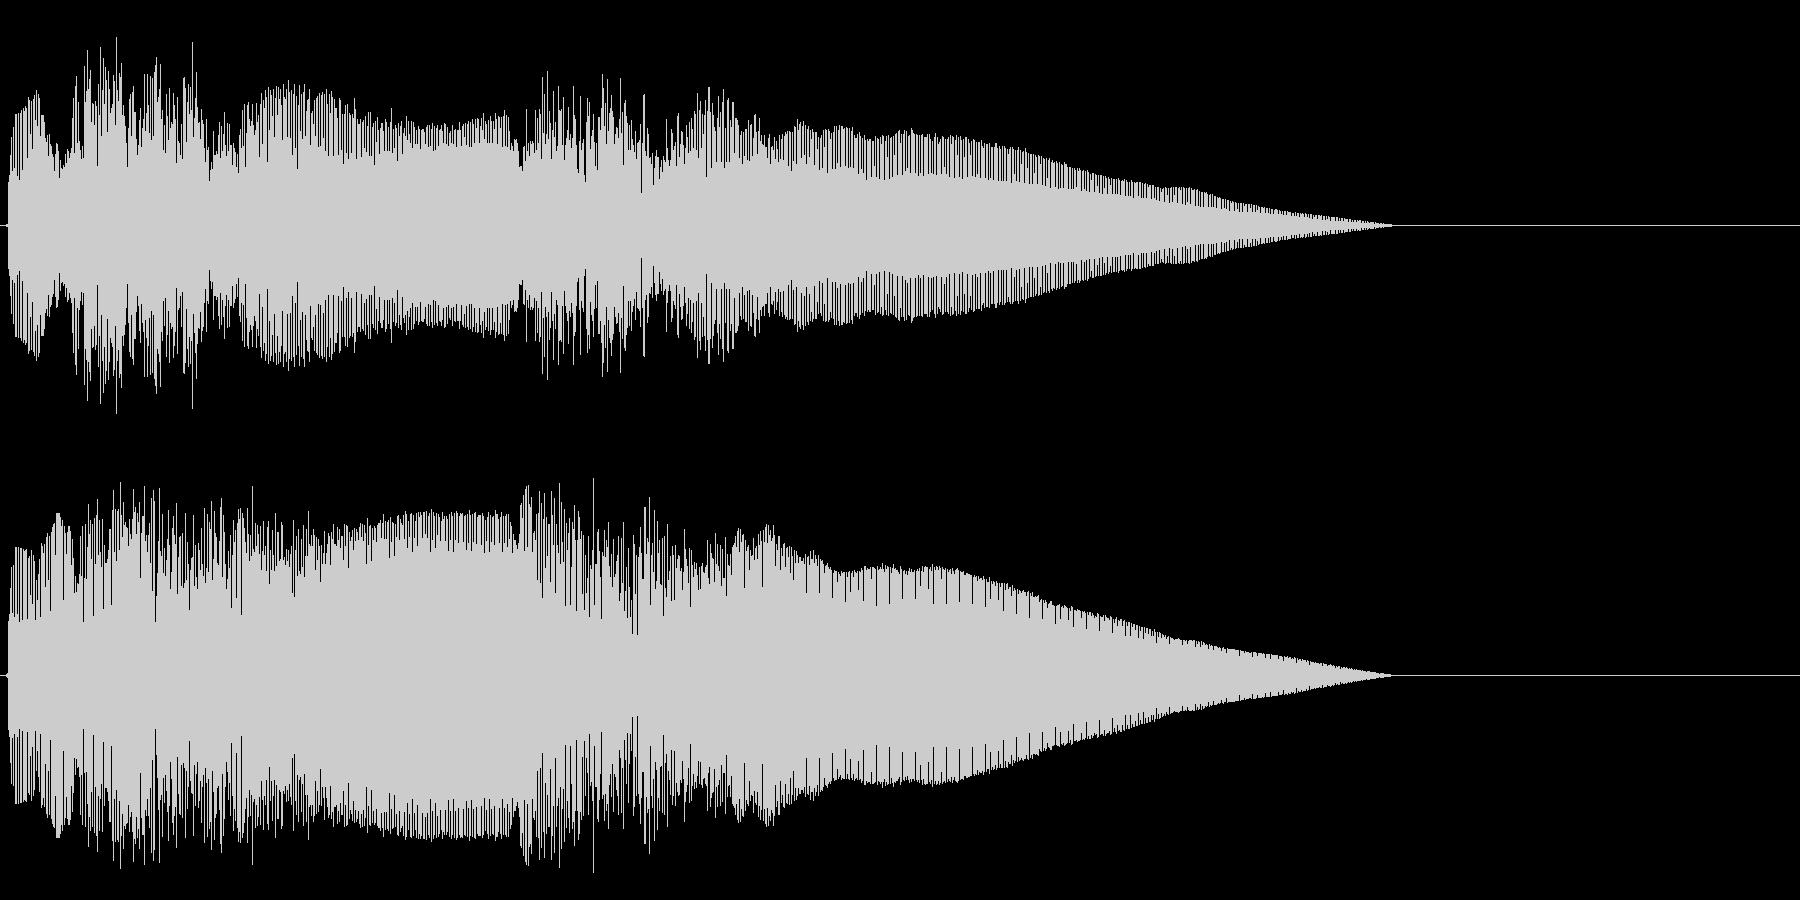 和楽器の法螺貝の王道イメージの未再生の波形